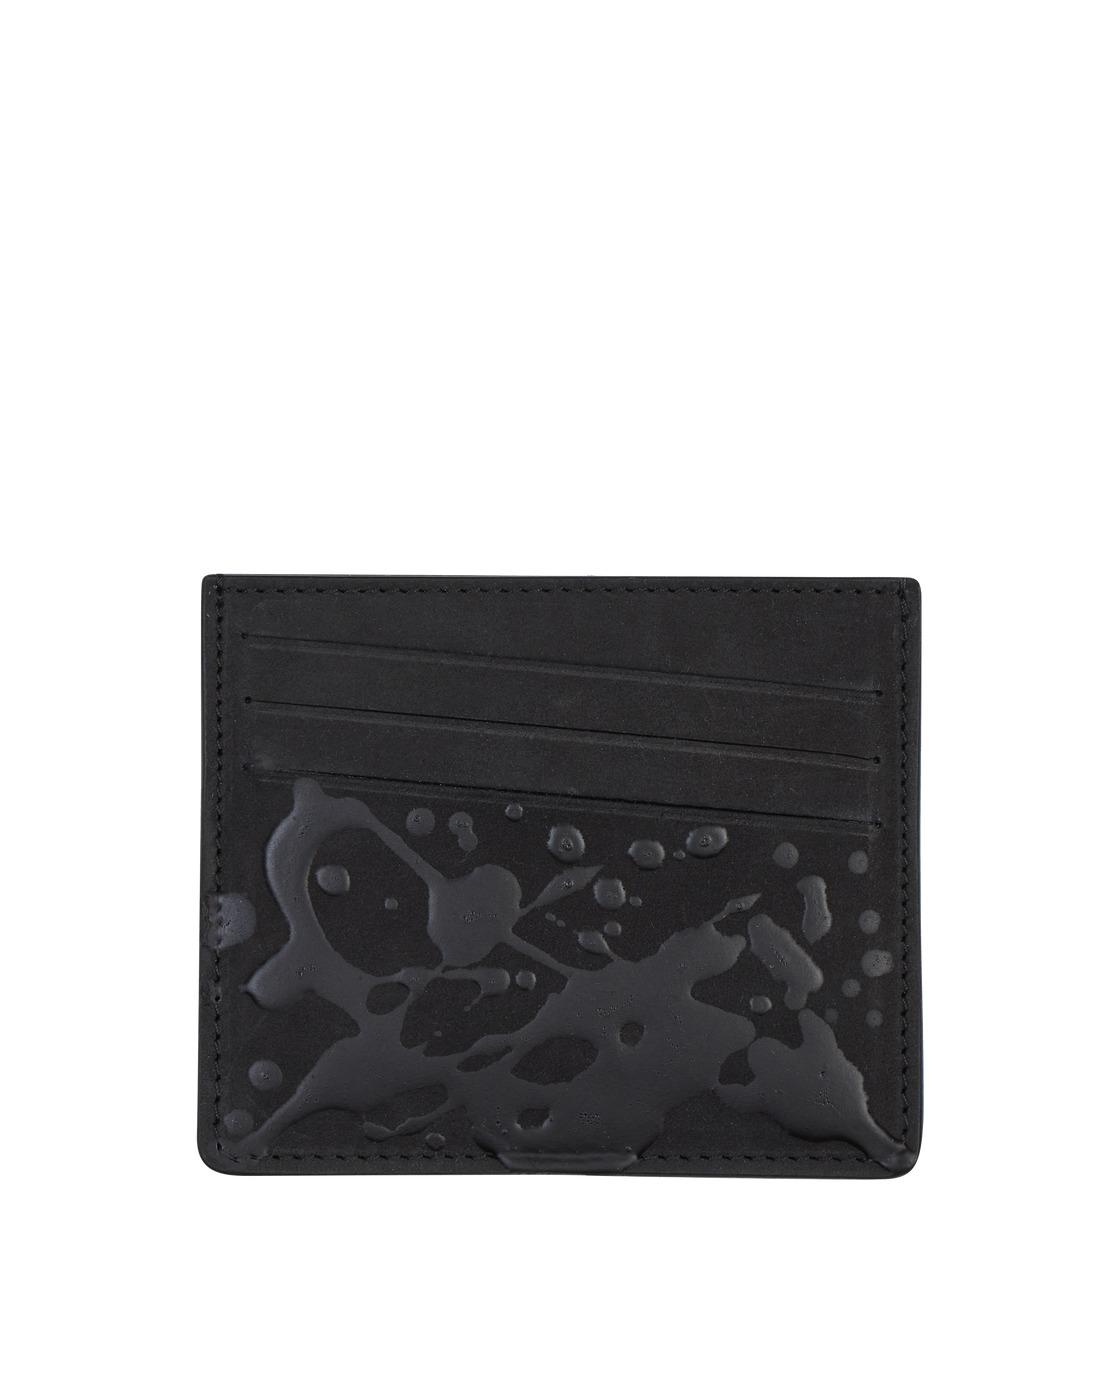 Photo: Maison Margiela Cardholder Black/Paint